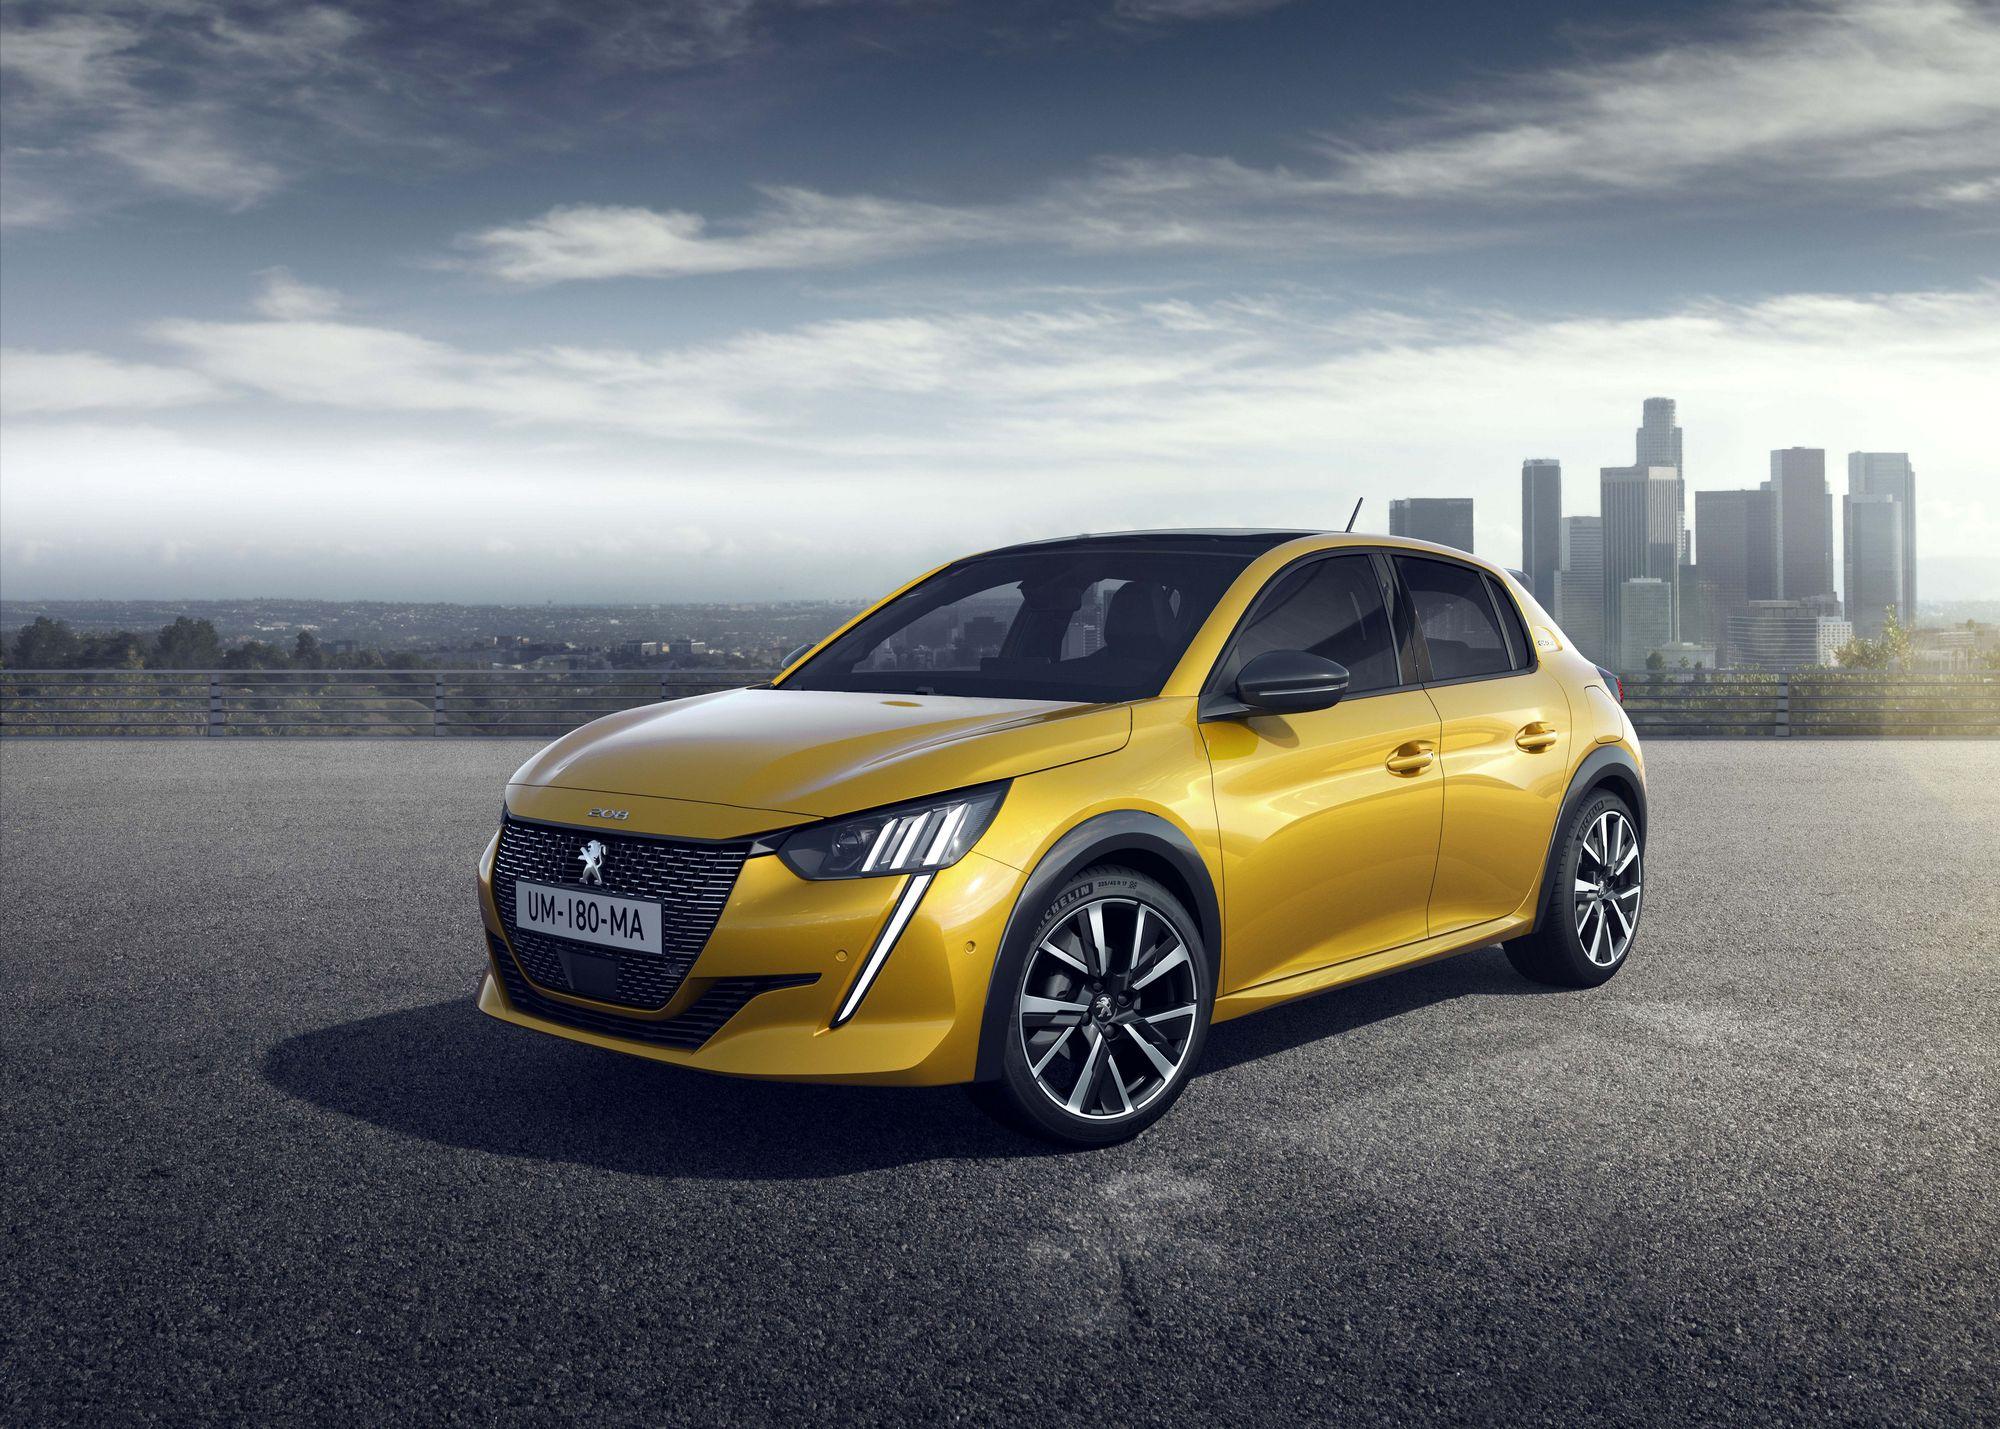 プジョーの新型208に電気自動車の設定が!2019年中に日本発売か?